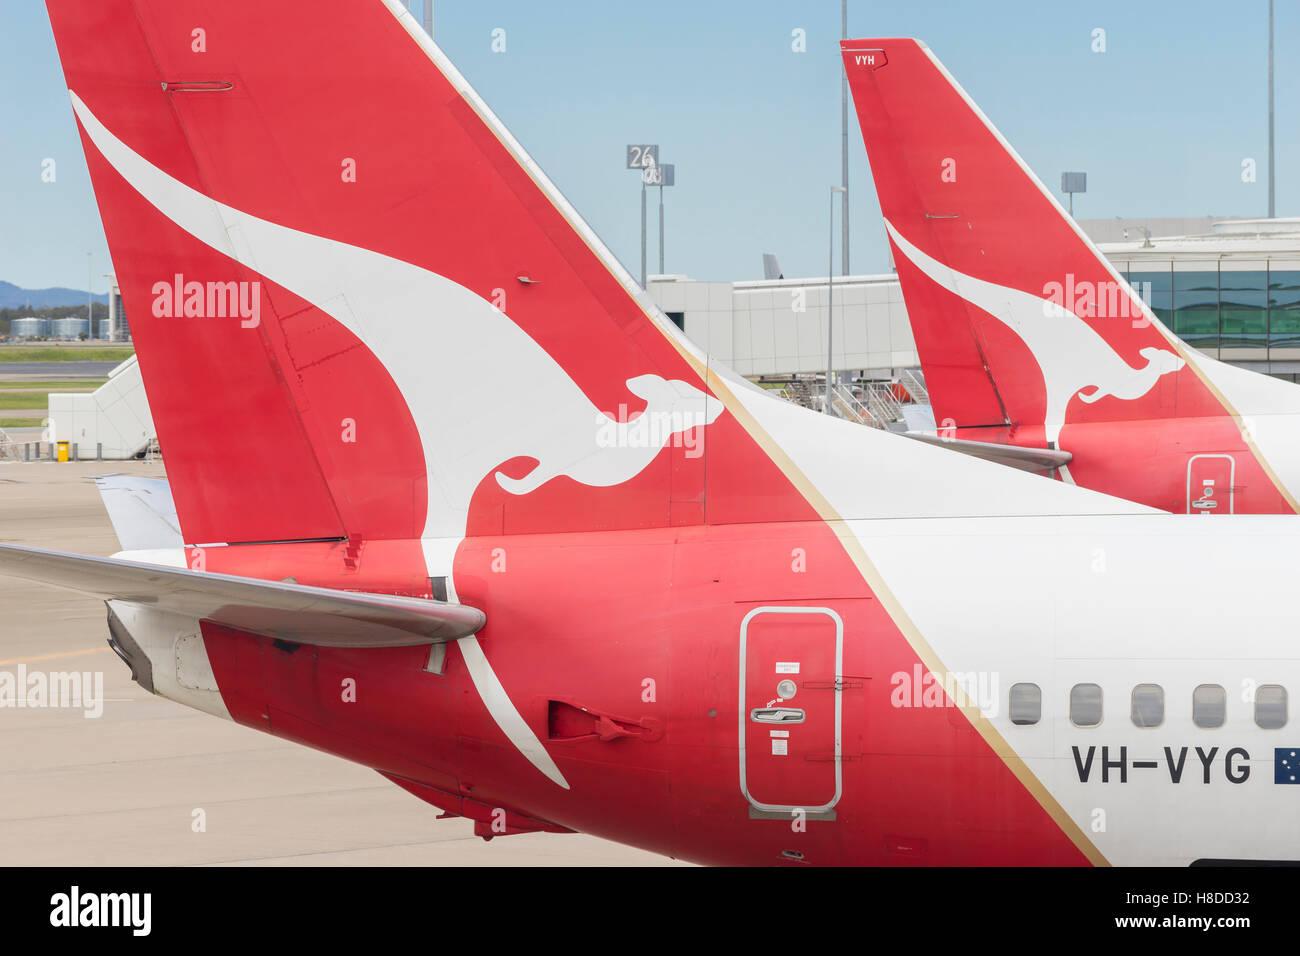 Close-up of Qantas aircraft at Brisbane Airport - Stock Image